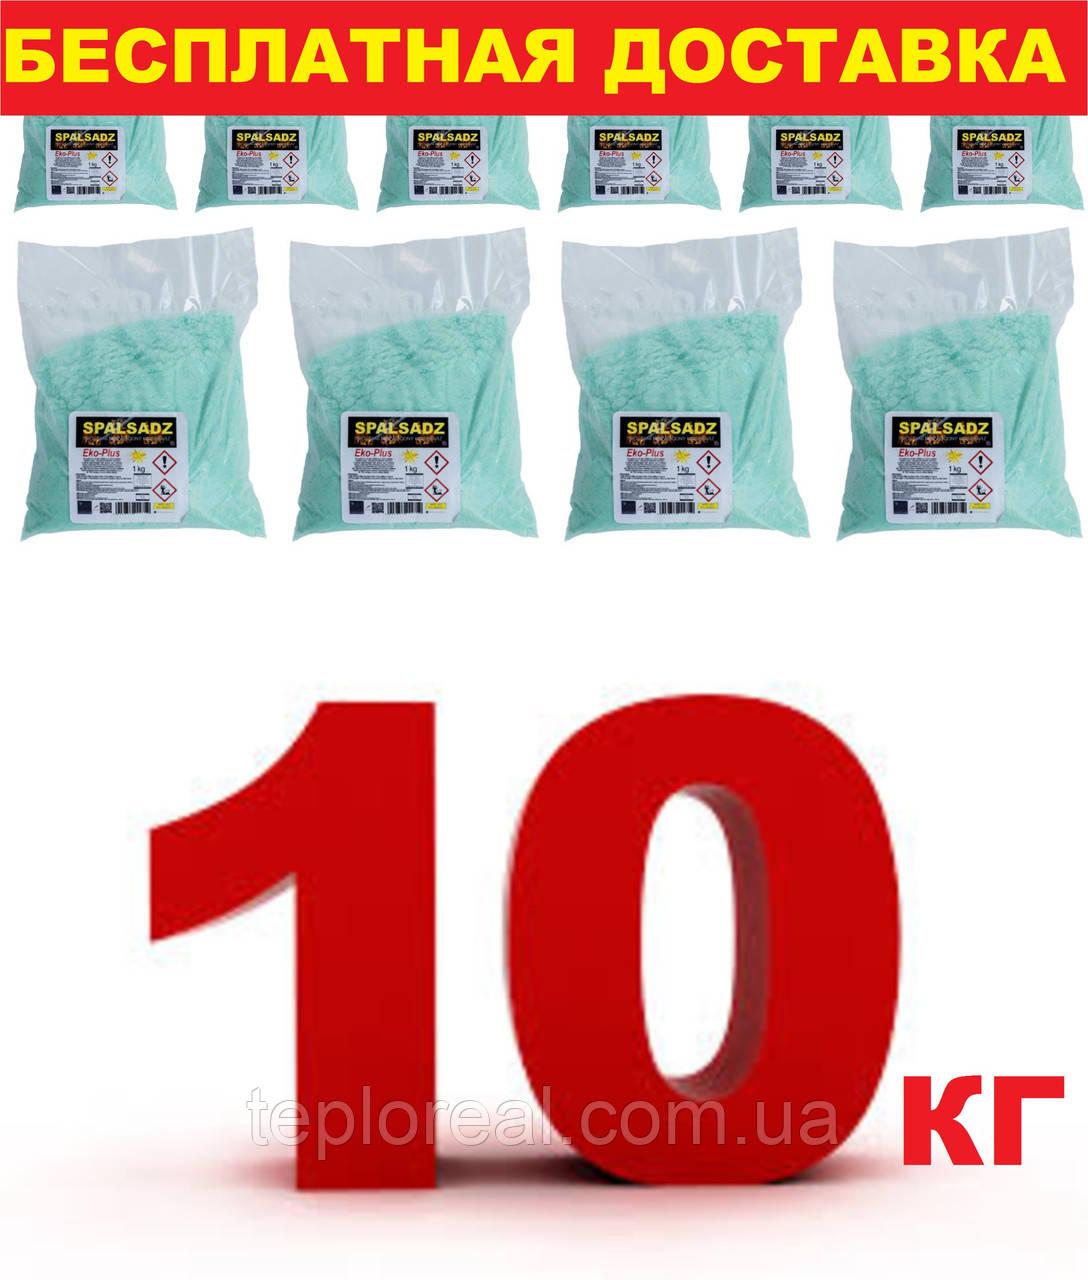 Средства для чистки котла и дымохода Спалсадс 10 КГ  (Оптовый набор)